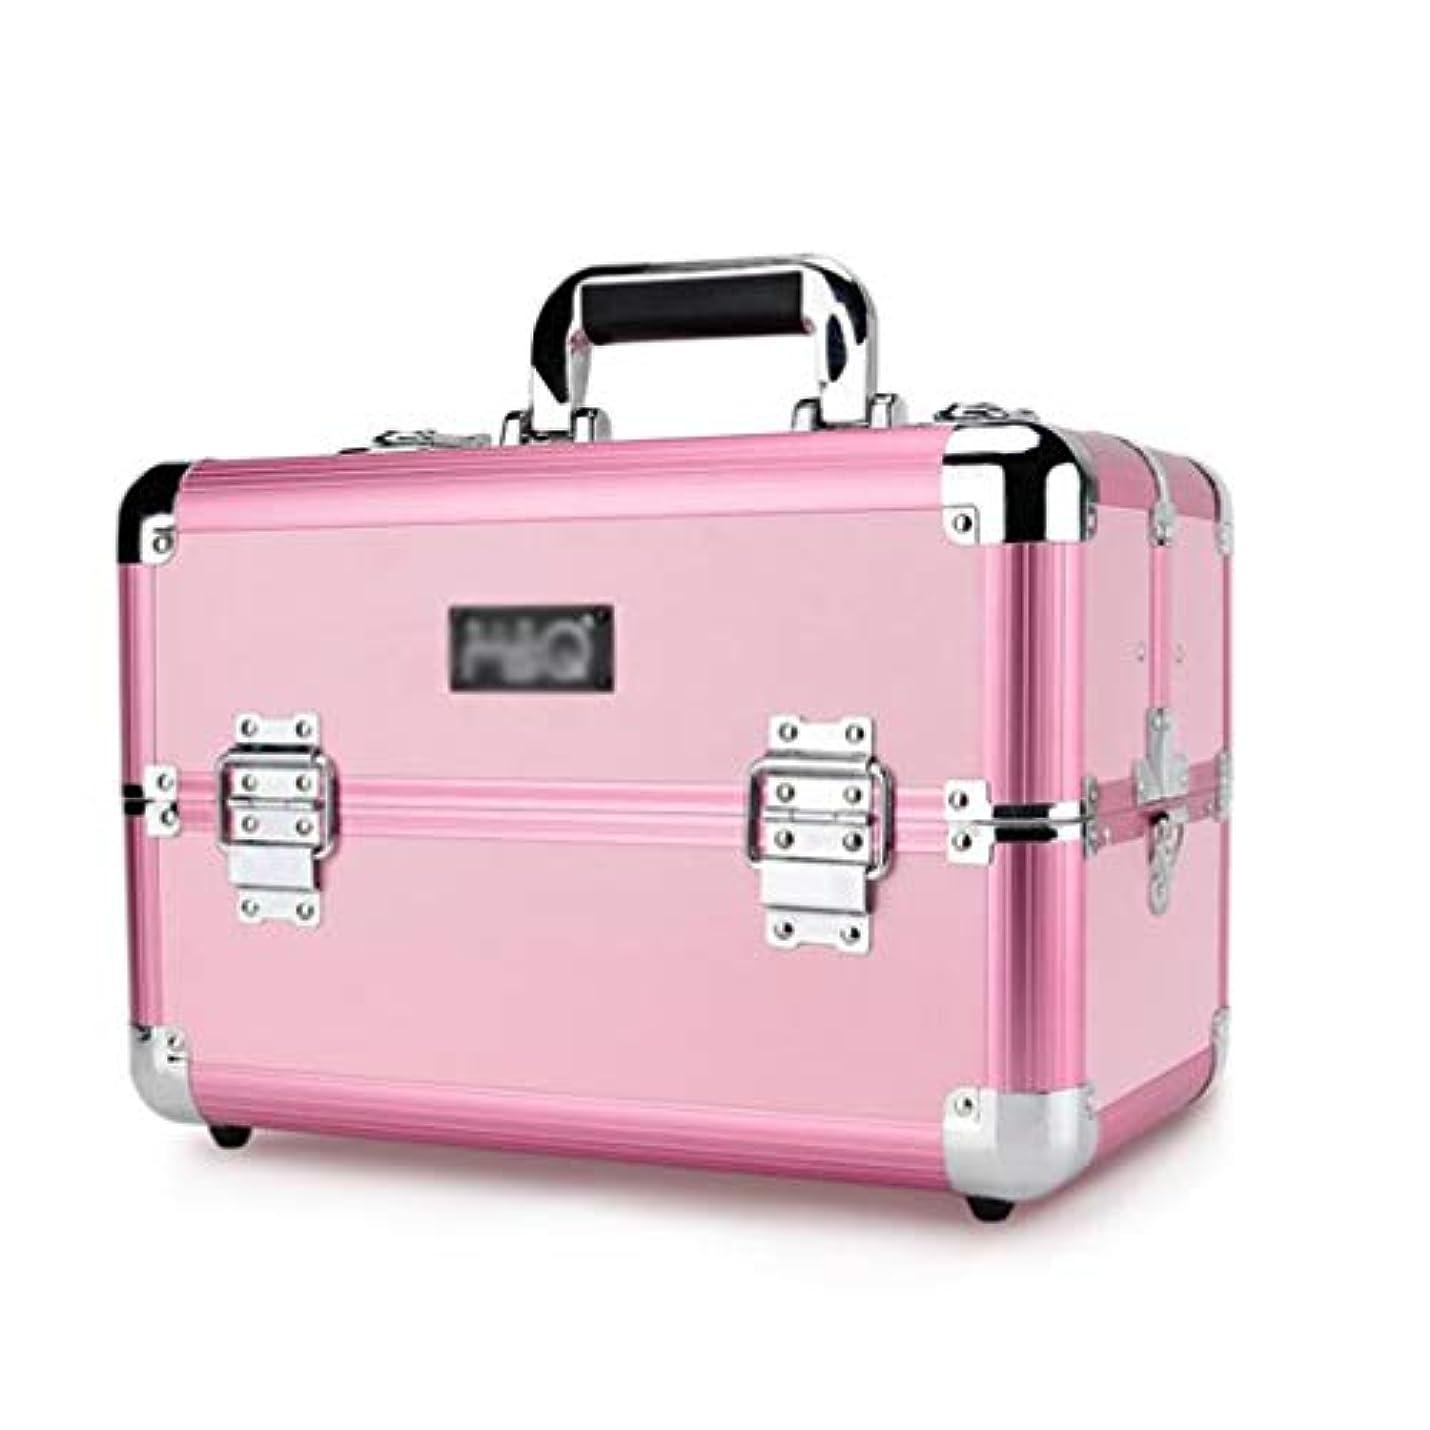 ポゴスティックジャンプポーズパフBUMC プロのアルミ化粧品ケースメイクアップトロリー列車テーブル虚栄心のための美容師特大旅行ジュエリーボックスオーガナイザー,Pink